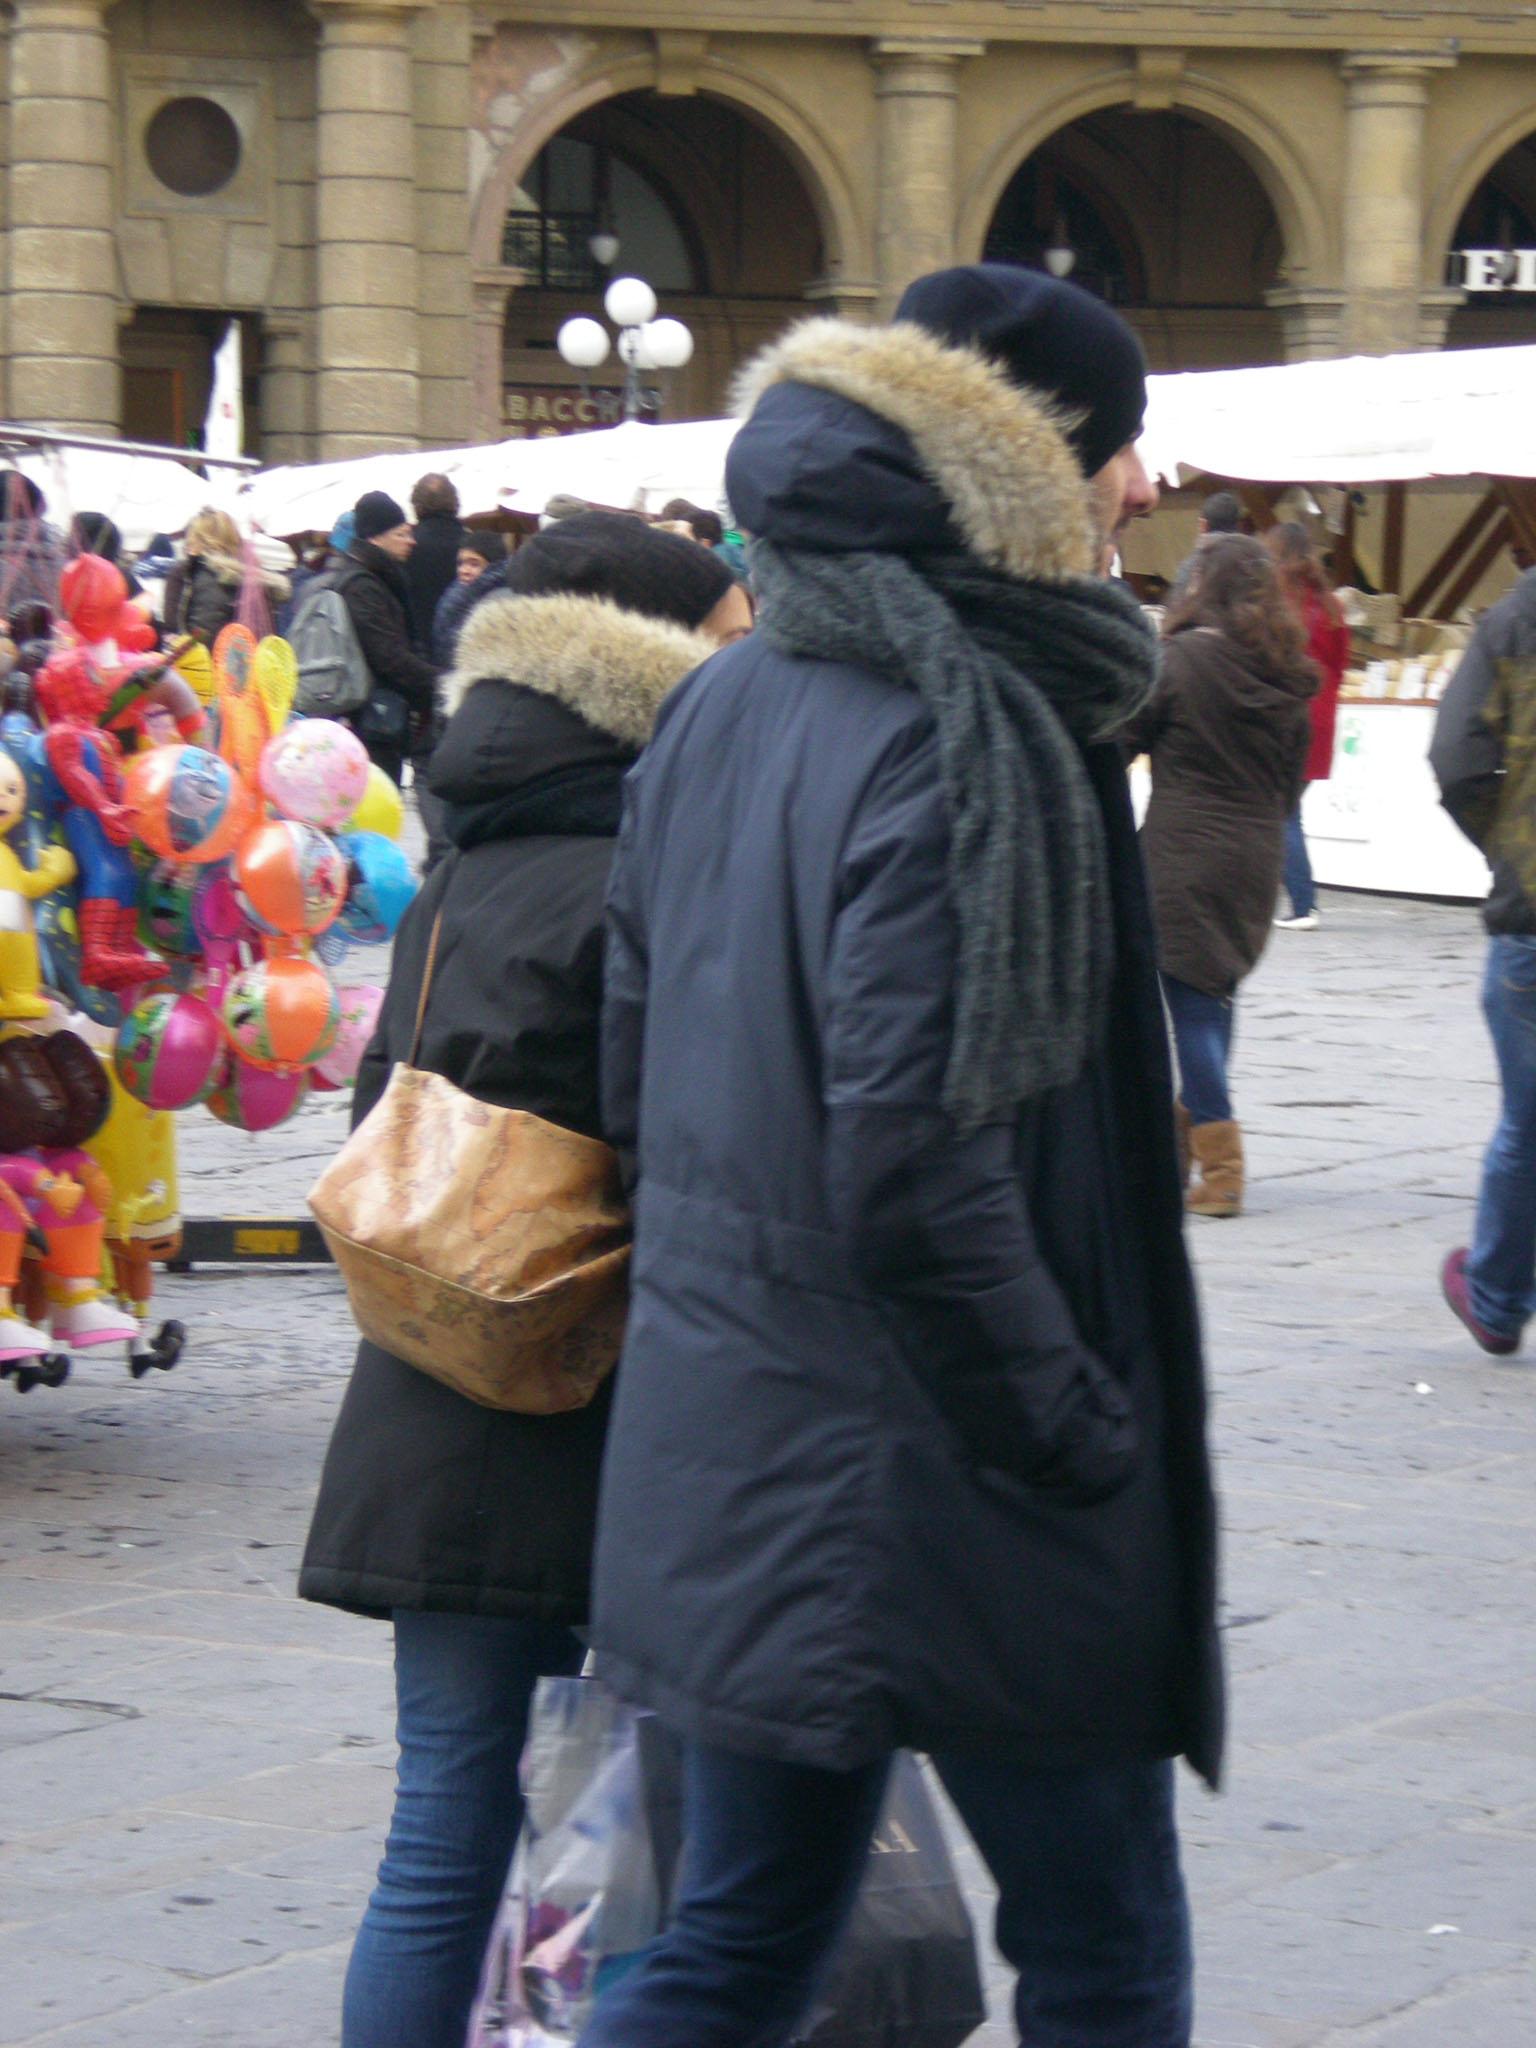 イタリア人にとってクリスマスプレゼント選びは一大行事!!_c0179785_20101262.jpg